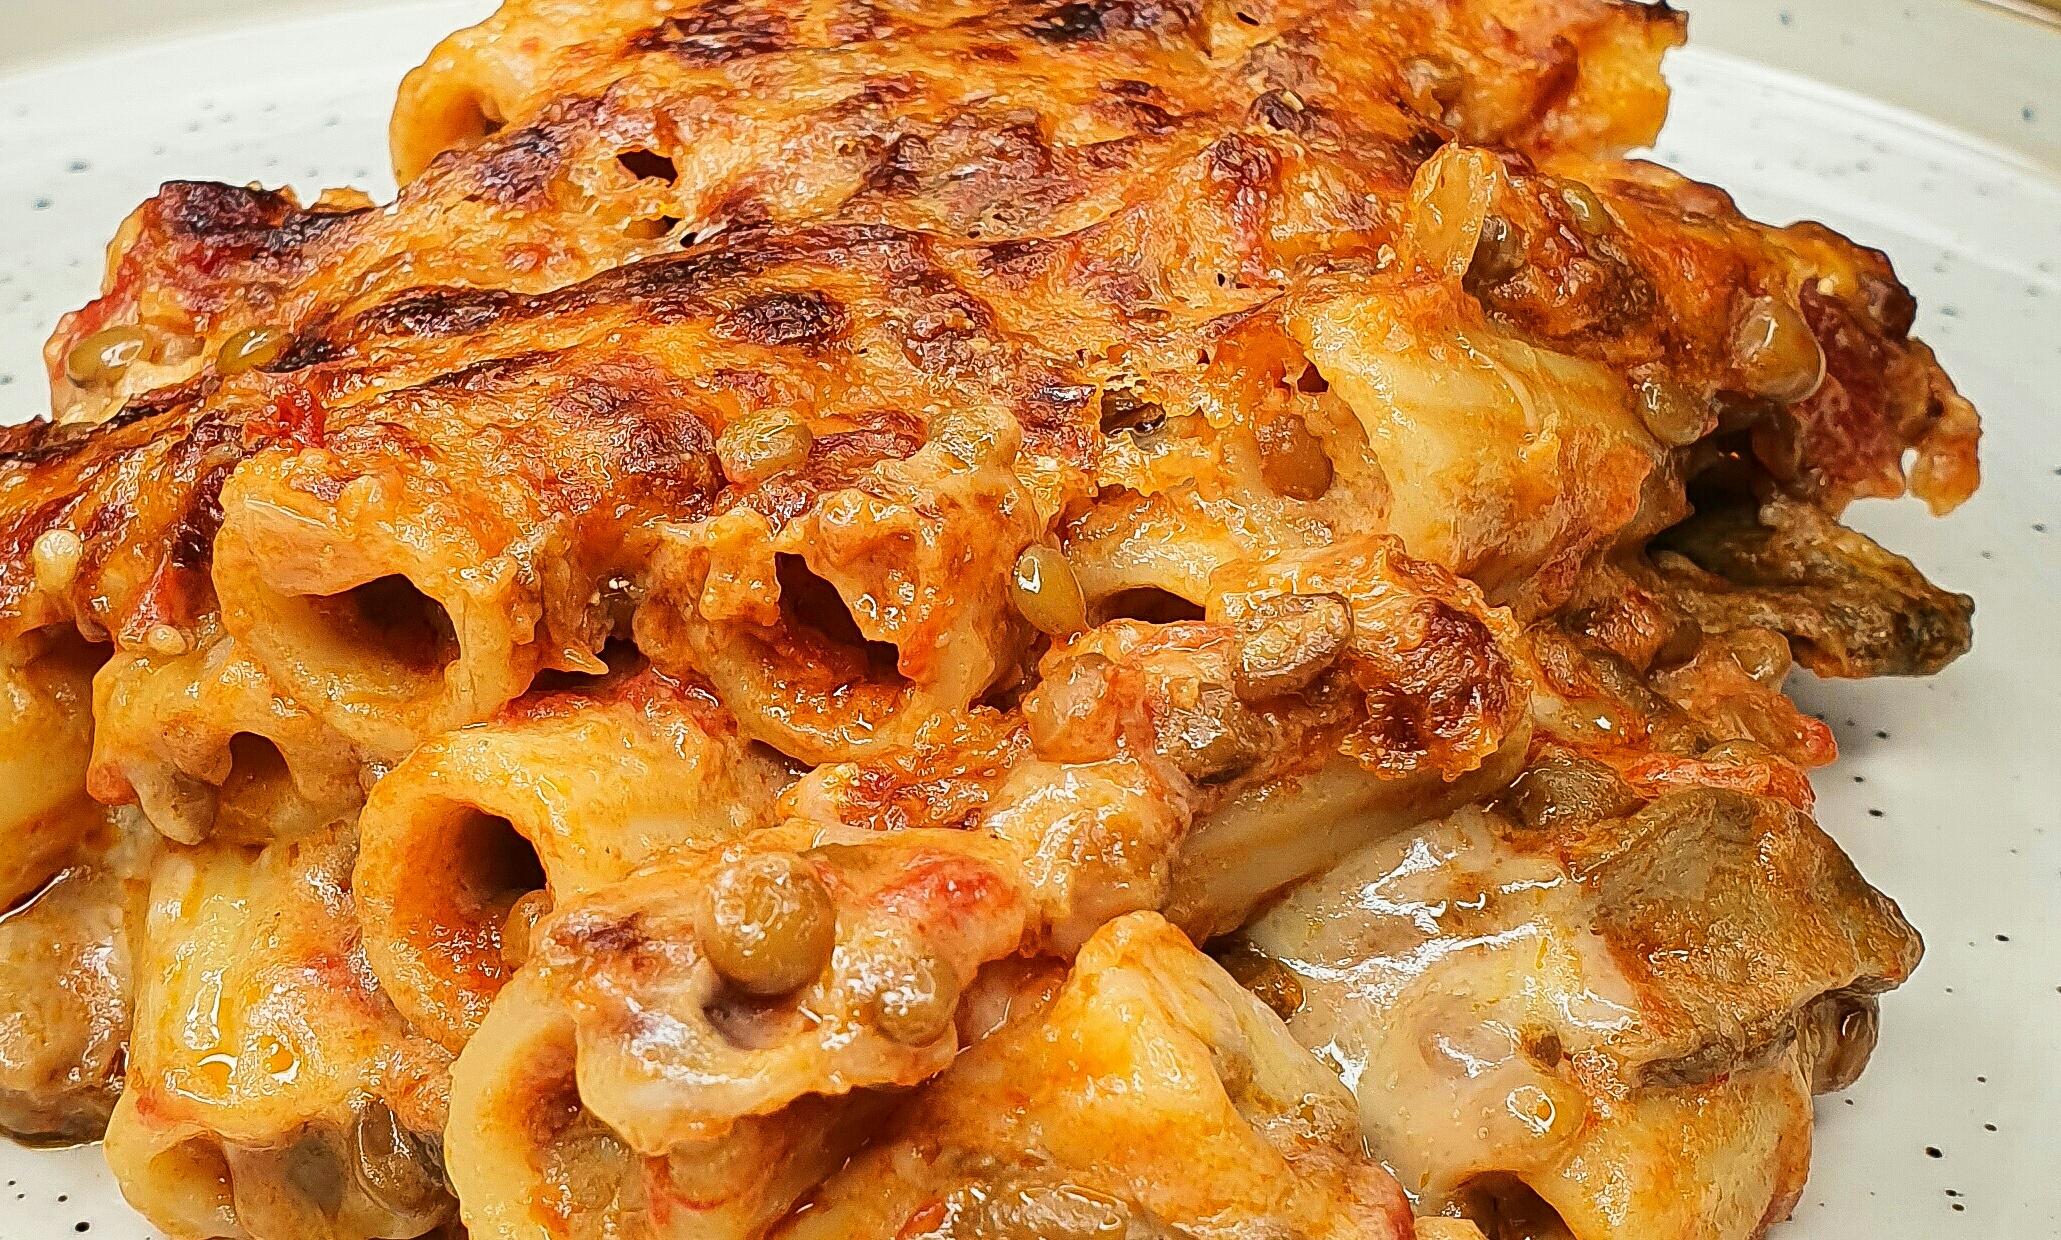 Ricetta Ragu Lenticchie.Pasta Al Forno Con Ragu Di Lenticchie E Funghi Porcini Uomo Senza Tonno